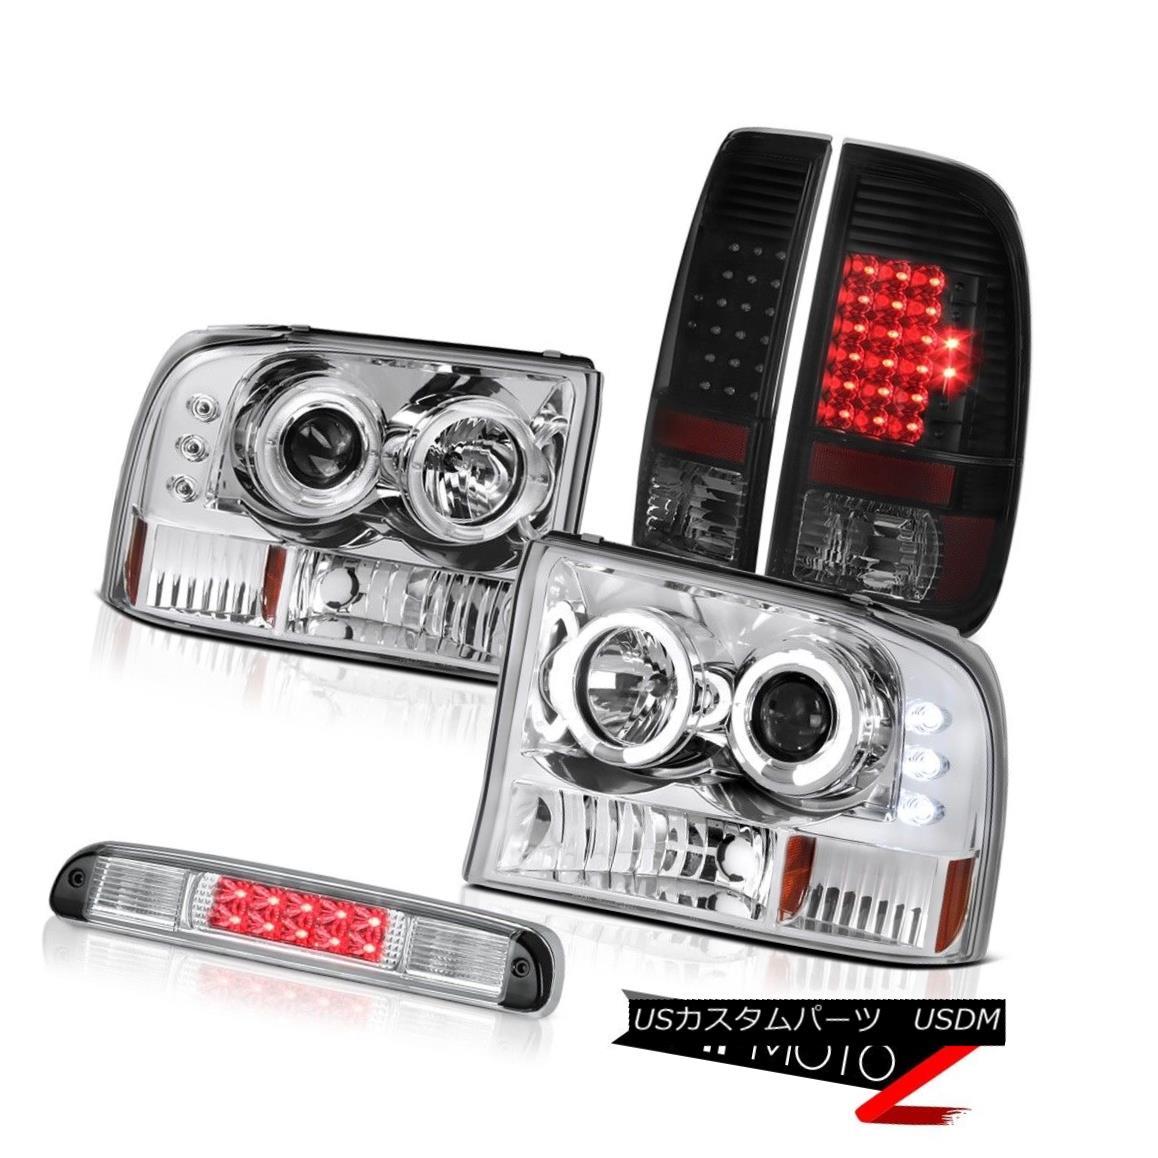 ヘッドライト Halo LED Headlamps Sinister Black Taillights Third Brake Cargo 99-04 F250 6.8L Halo LEDヘッドランプ灰色の曇り灯3番目のブレーキ貨物99-04 F250 6.8L